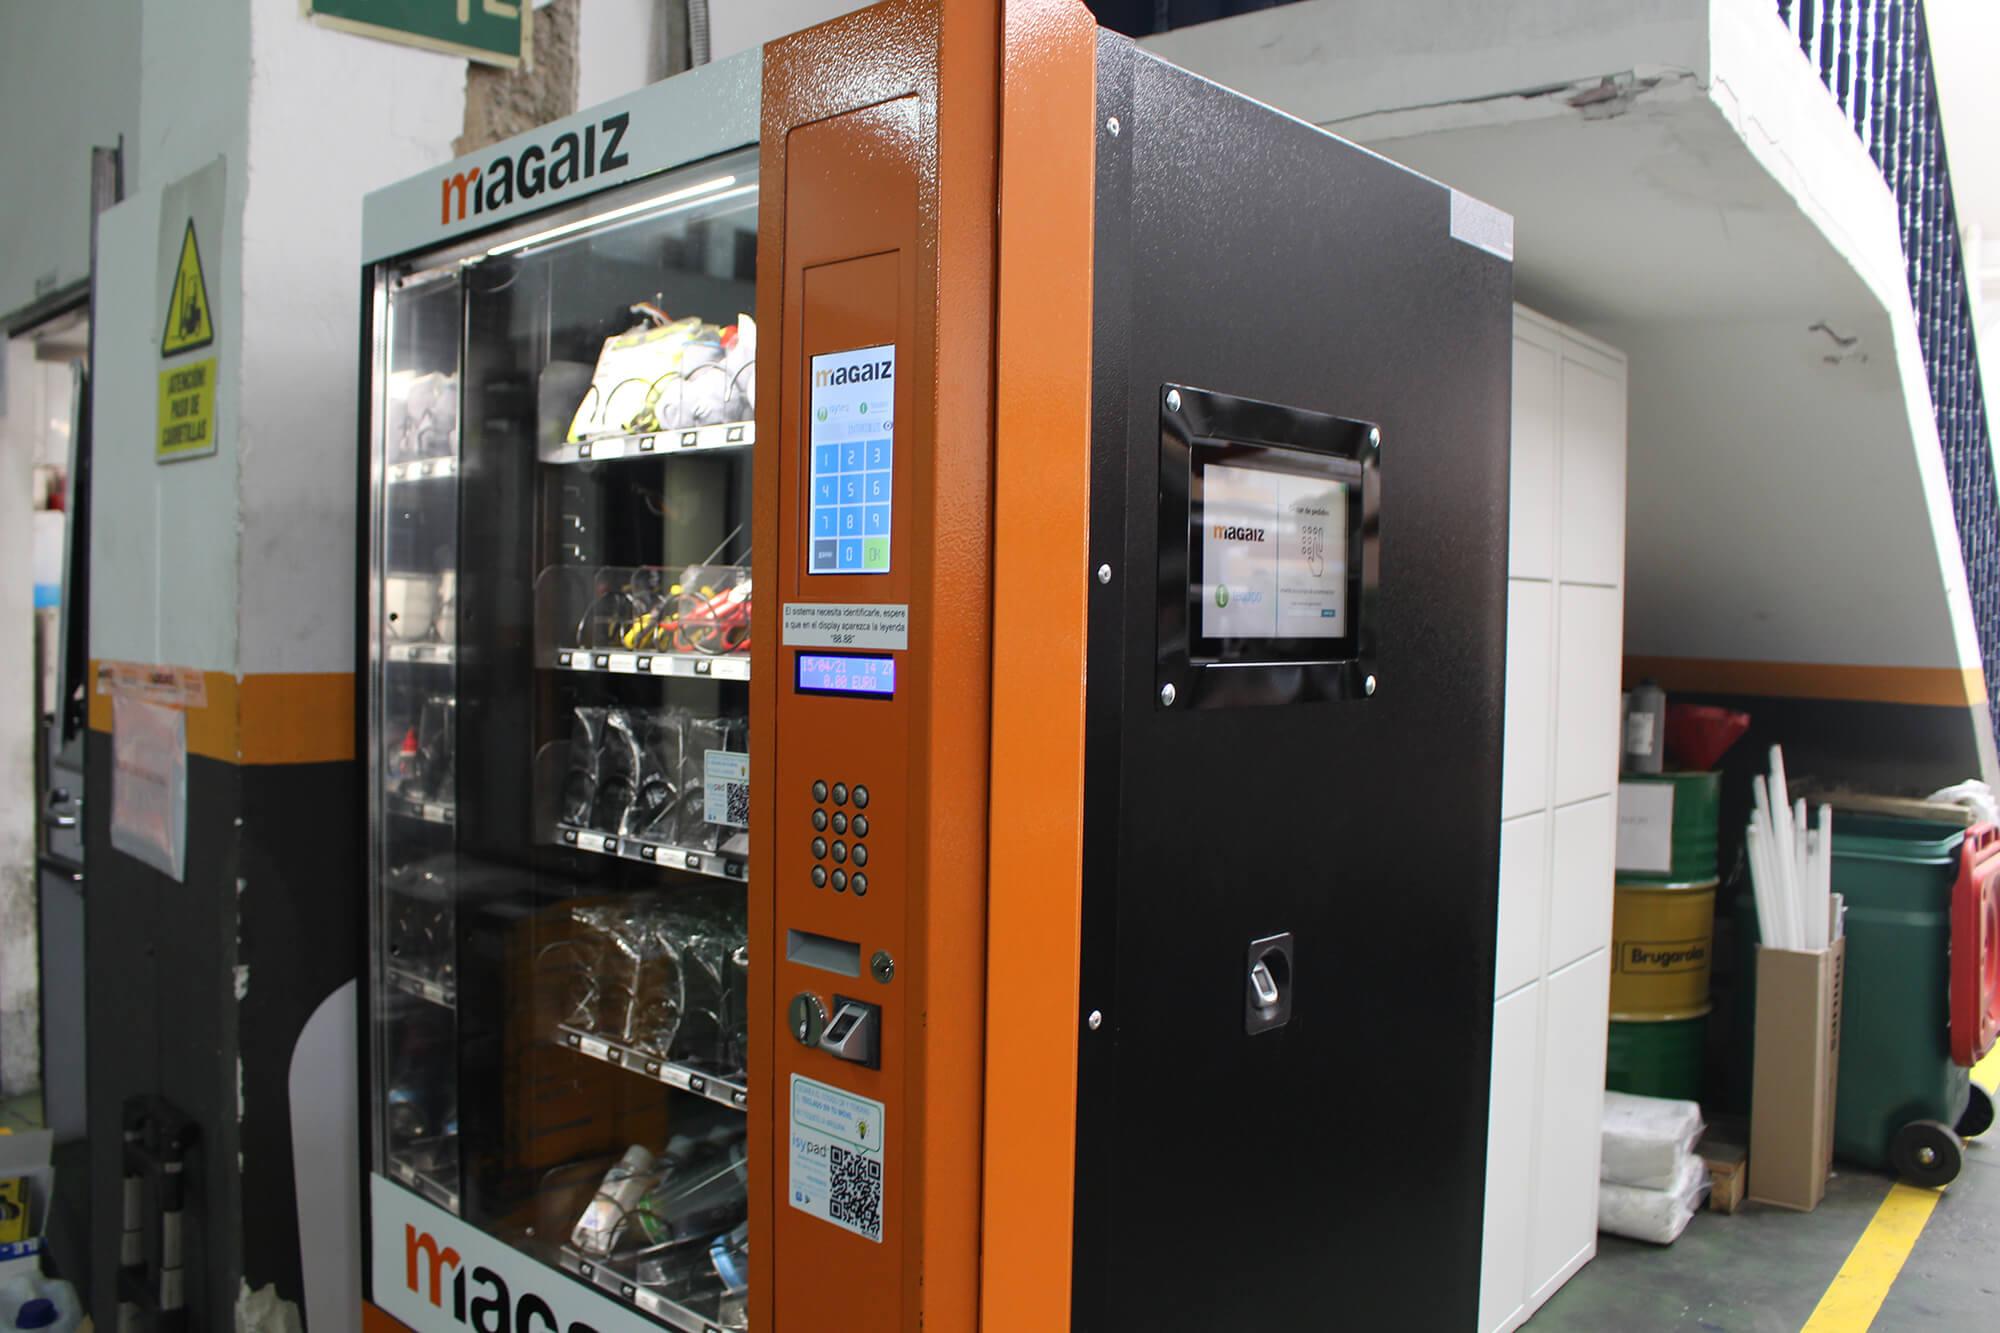 Máquina expendedora Magaiz